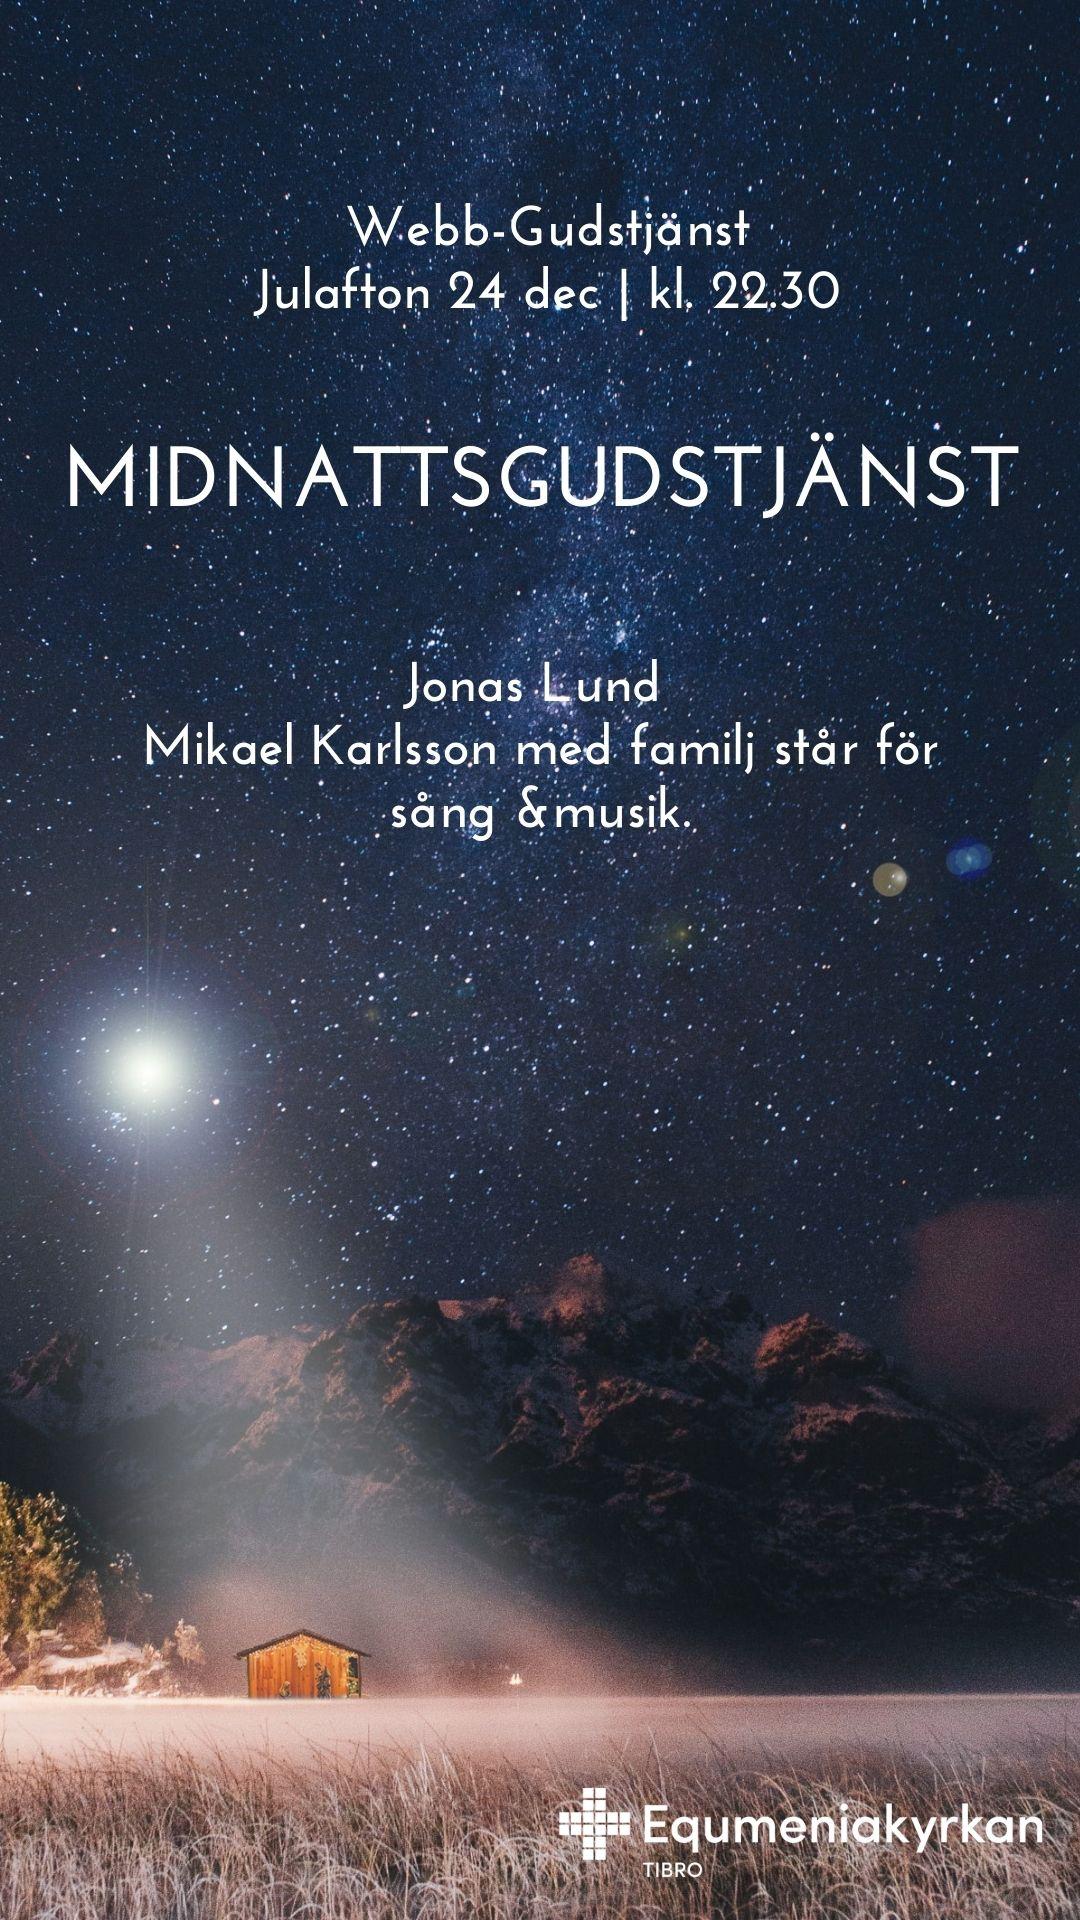 natt stjärnor jul skjul